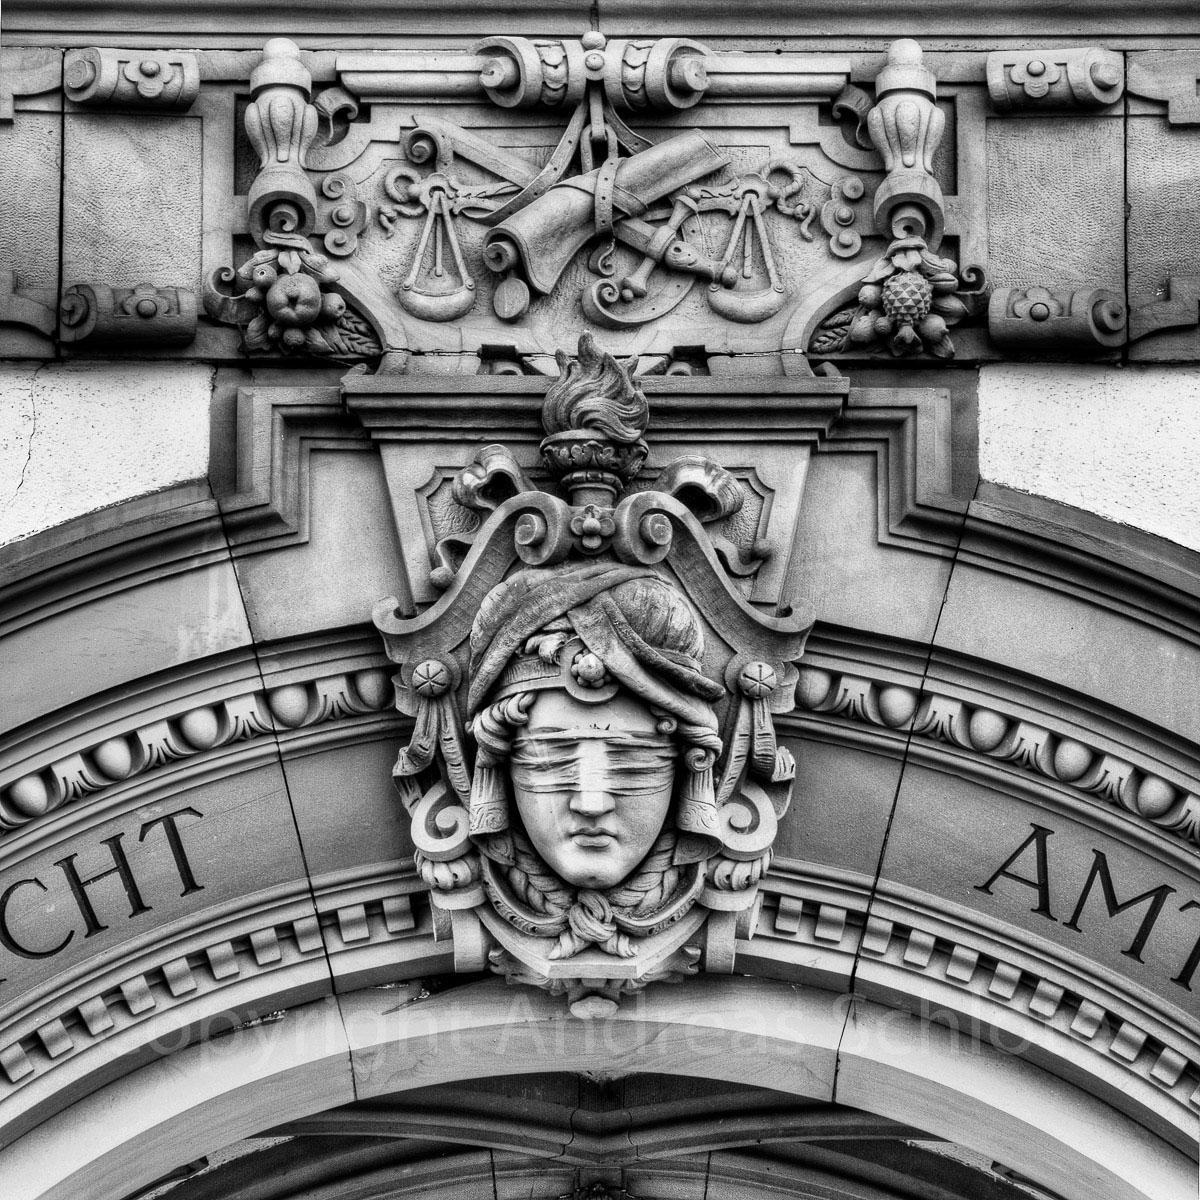 Altes Landgerichtsgebäude Eingang